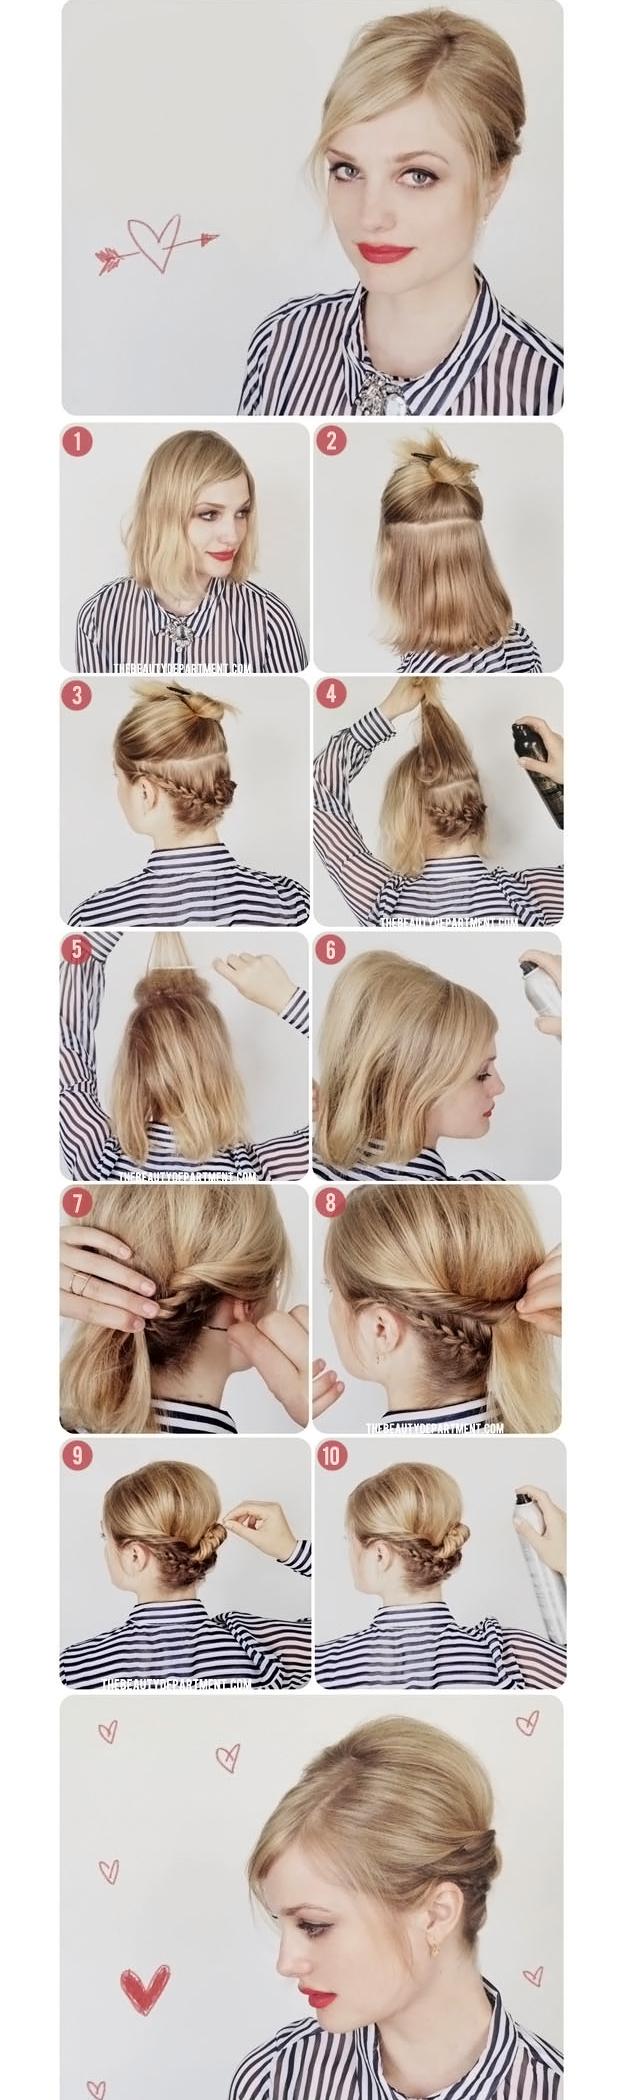 укладка волос каре в домашних условиях